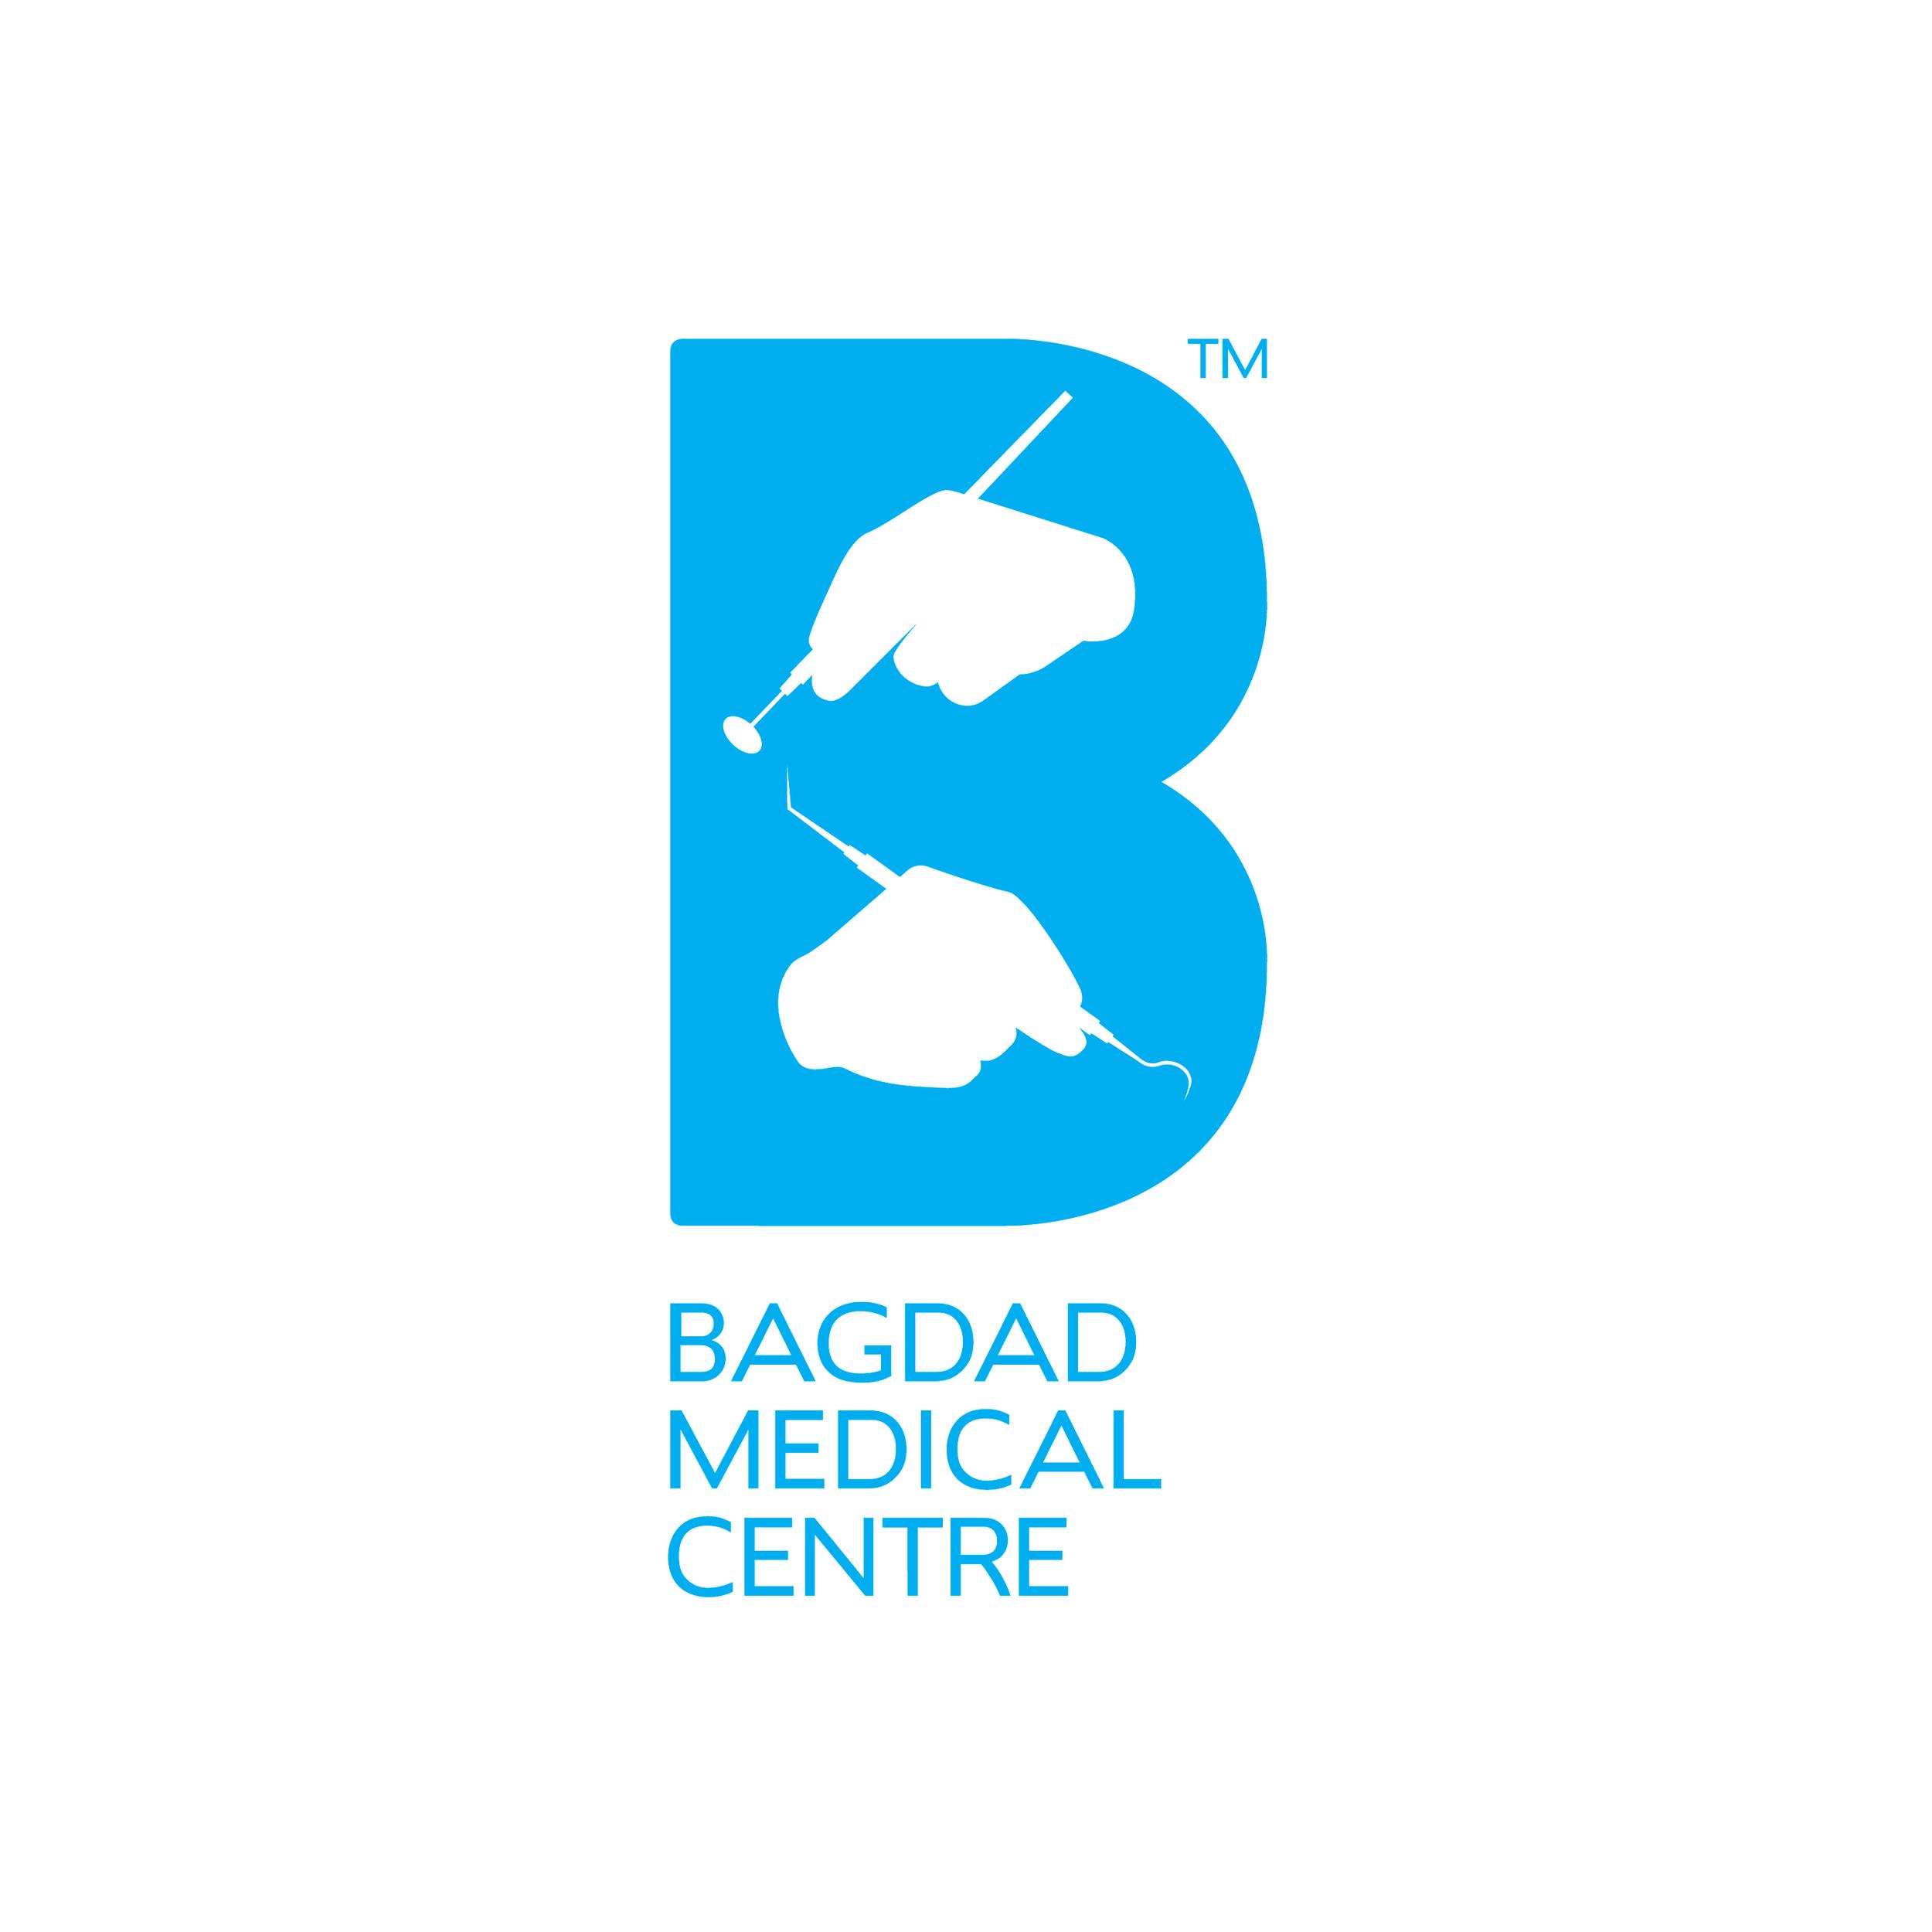 Bagdad Medical Centre